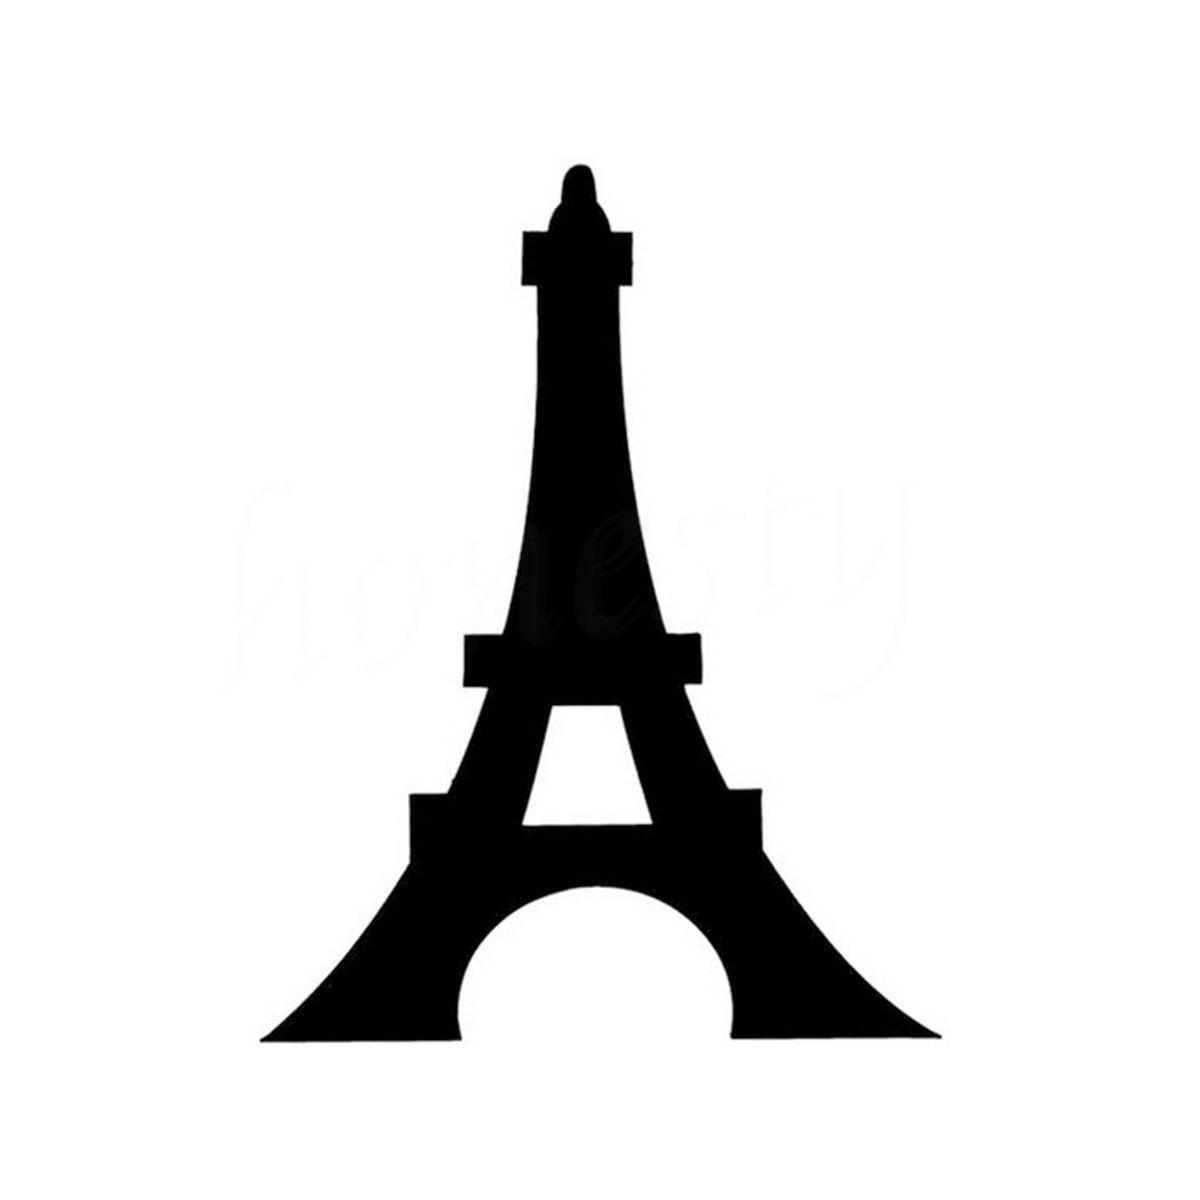 Eiffel Tower Romantic Paris France Graphic Car Sticker